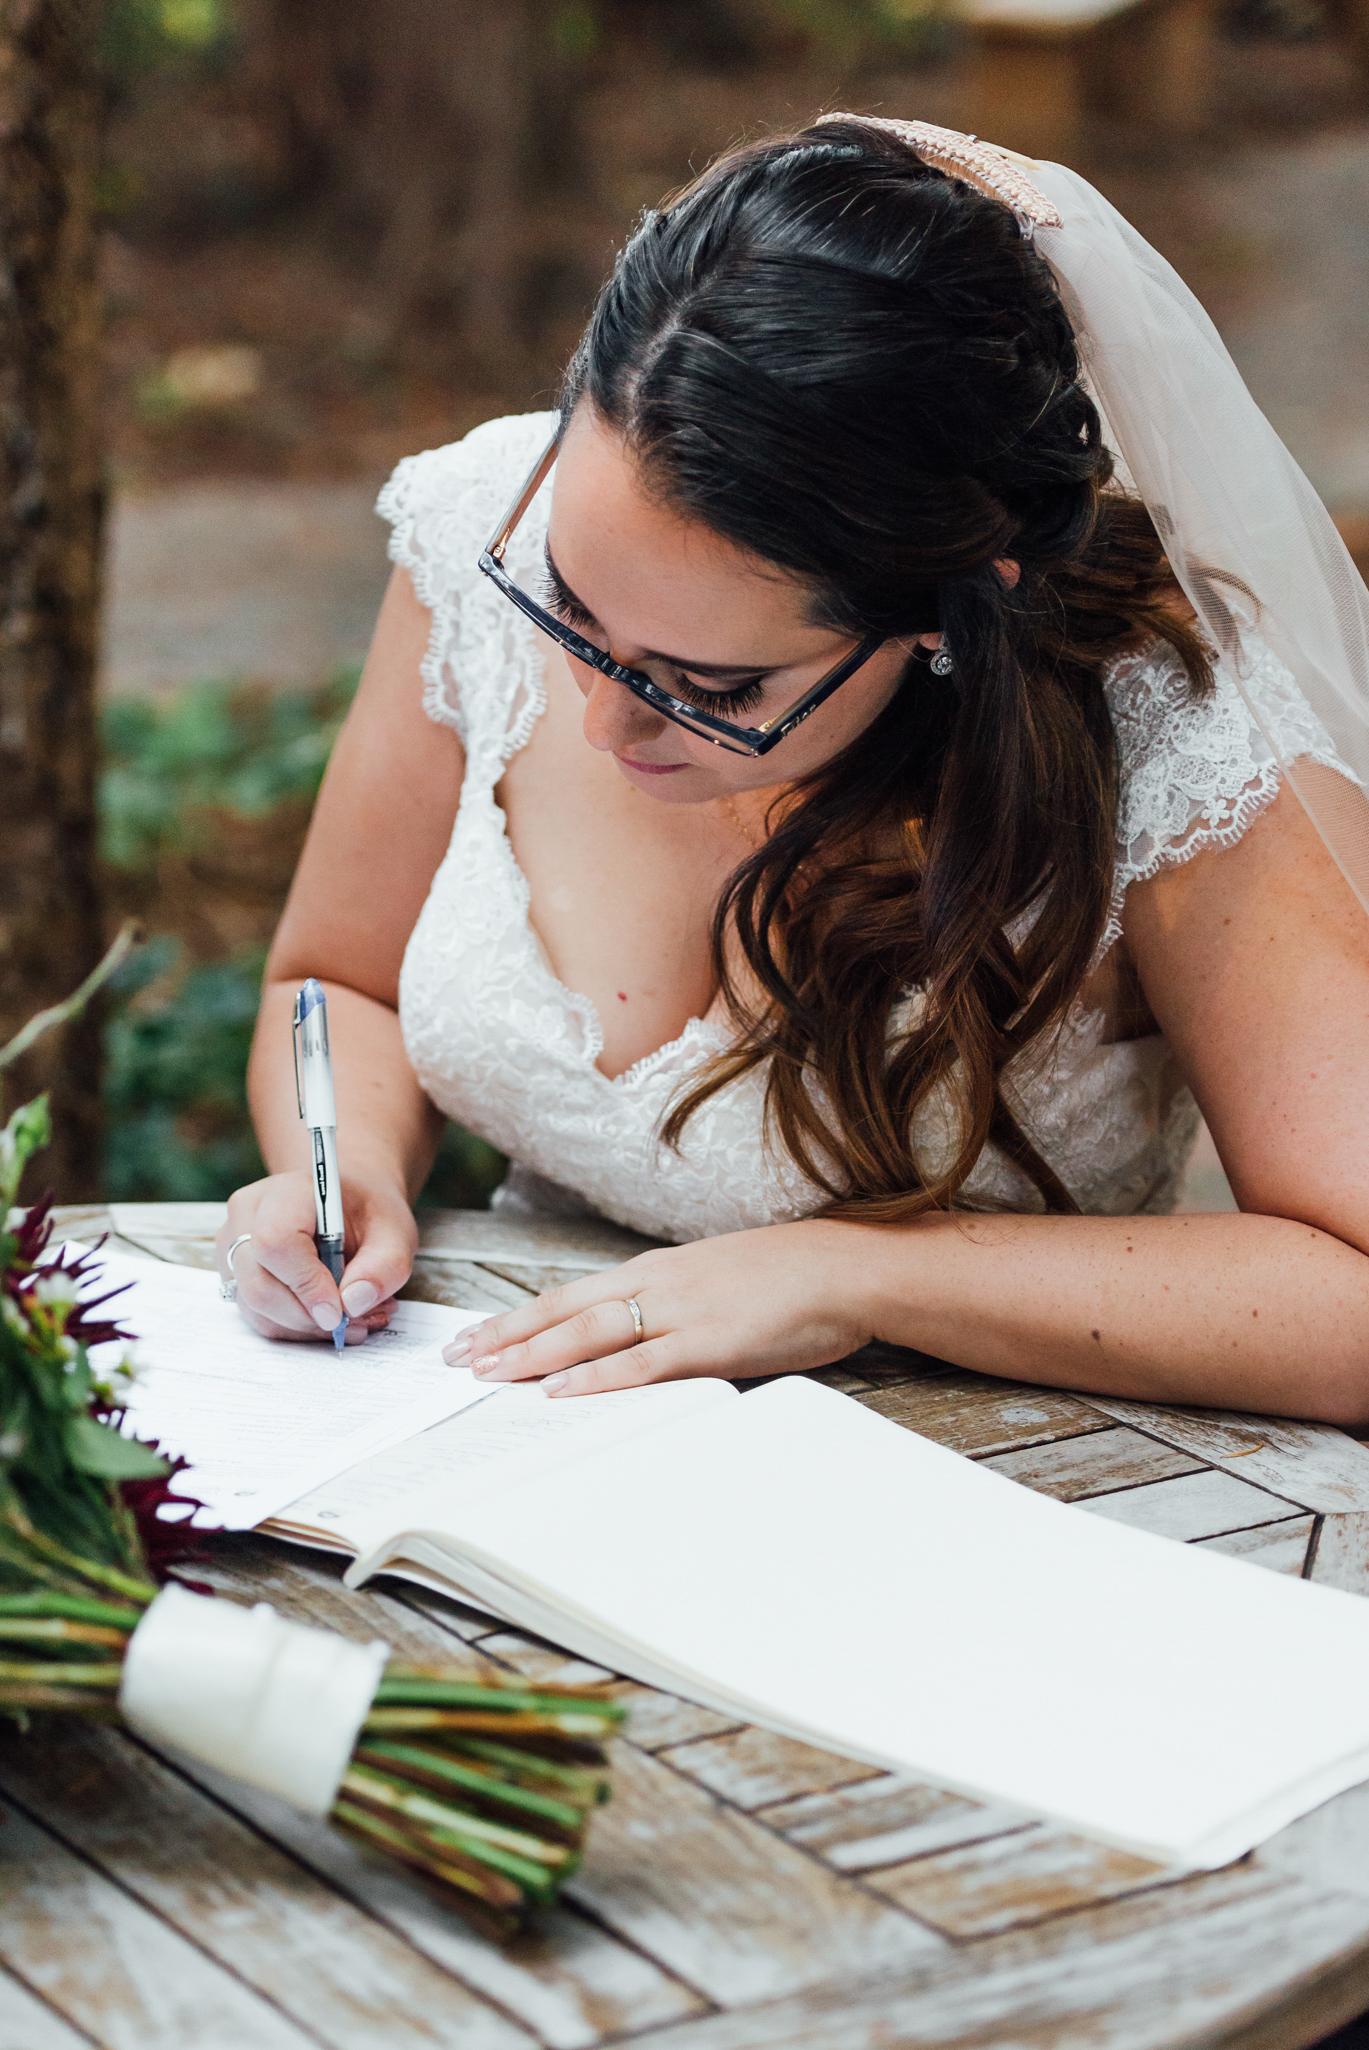 Nicola_Reiersen_Photography_Sea_Cider_Forest_Wedding (82).jpg